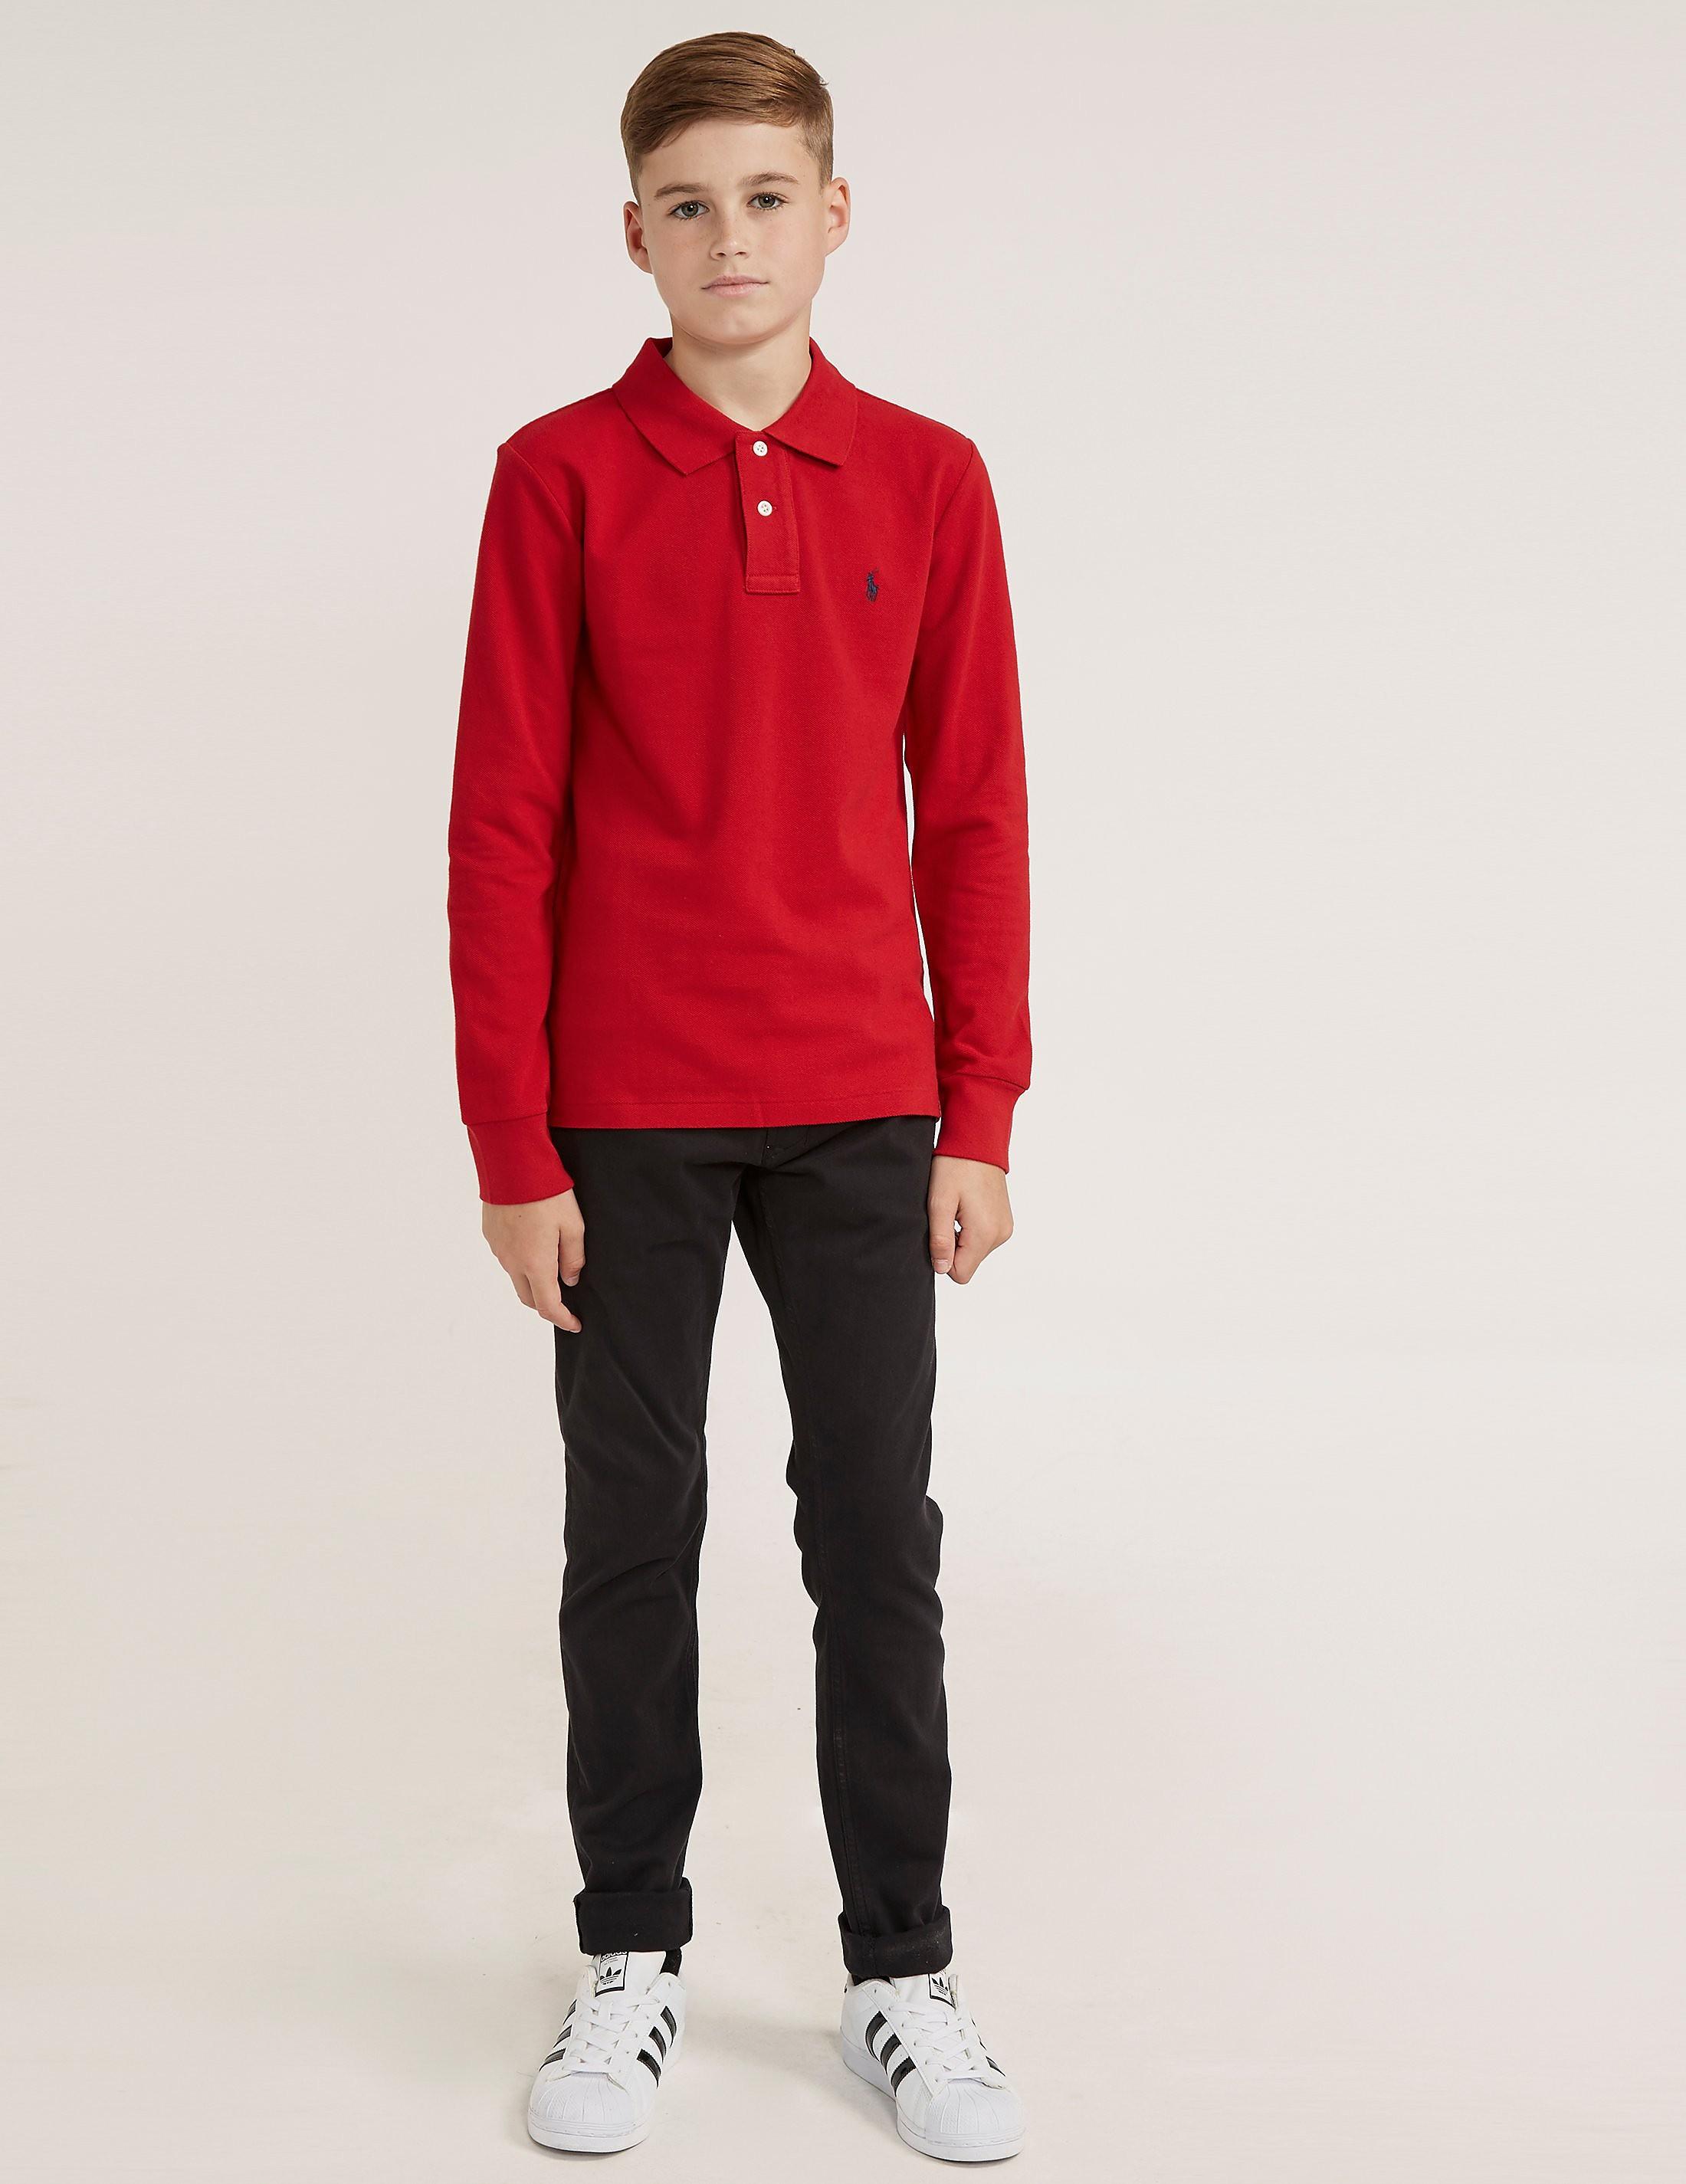 Polo Ralph Lauren Pique Long Sleeve Polo Shirt